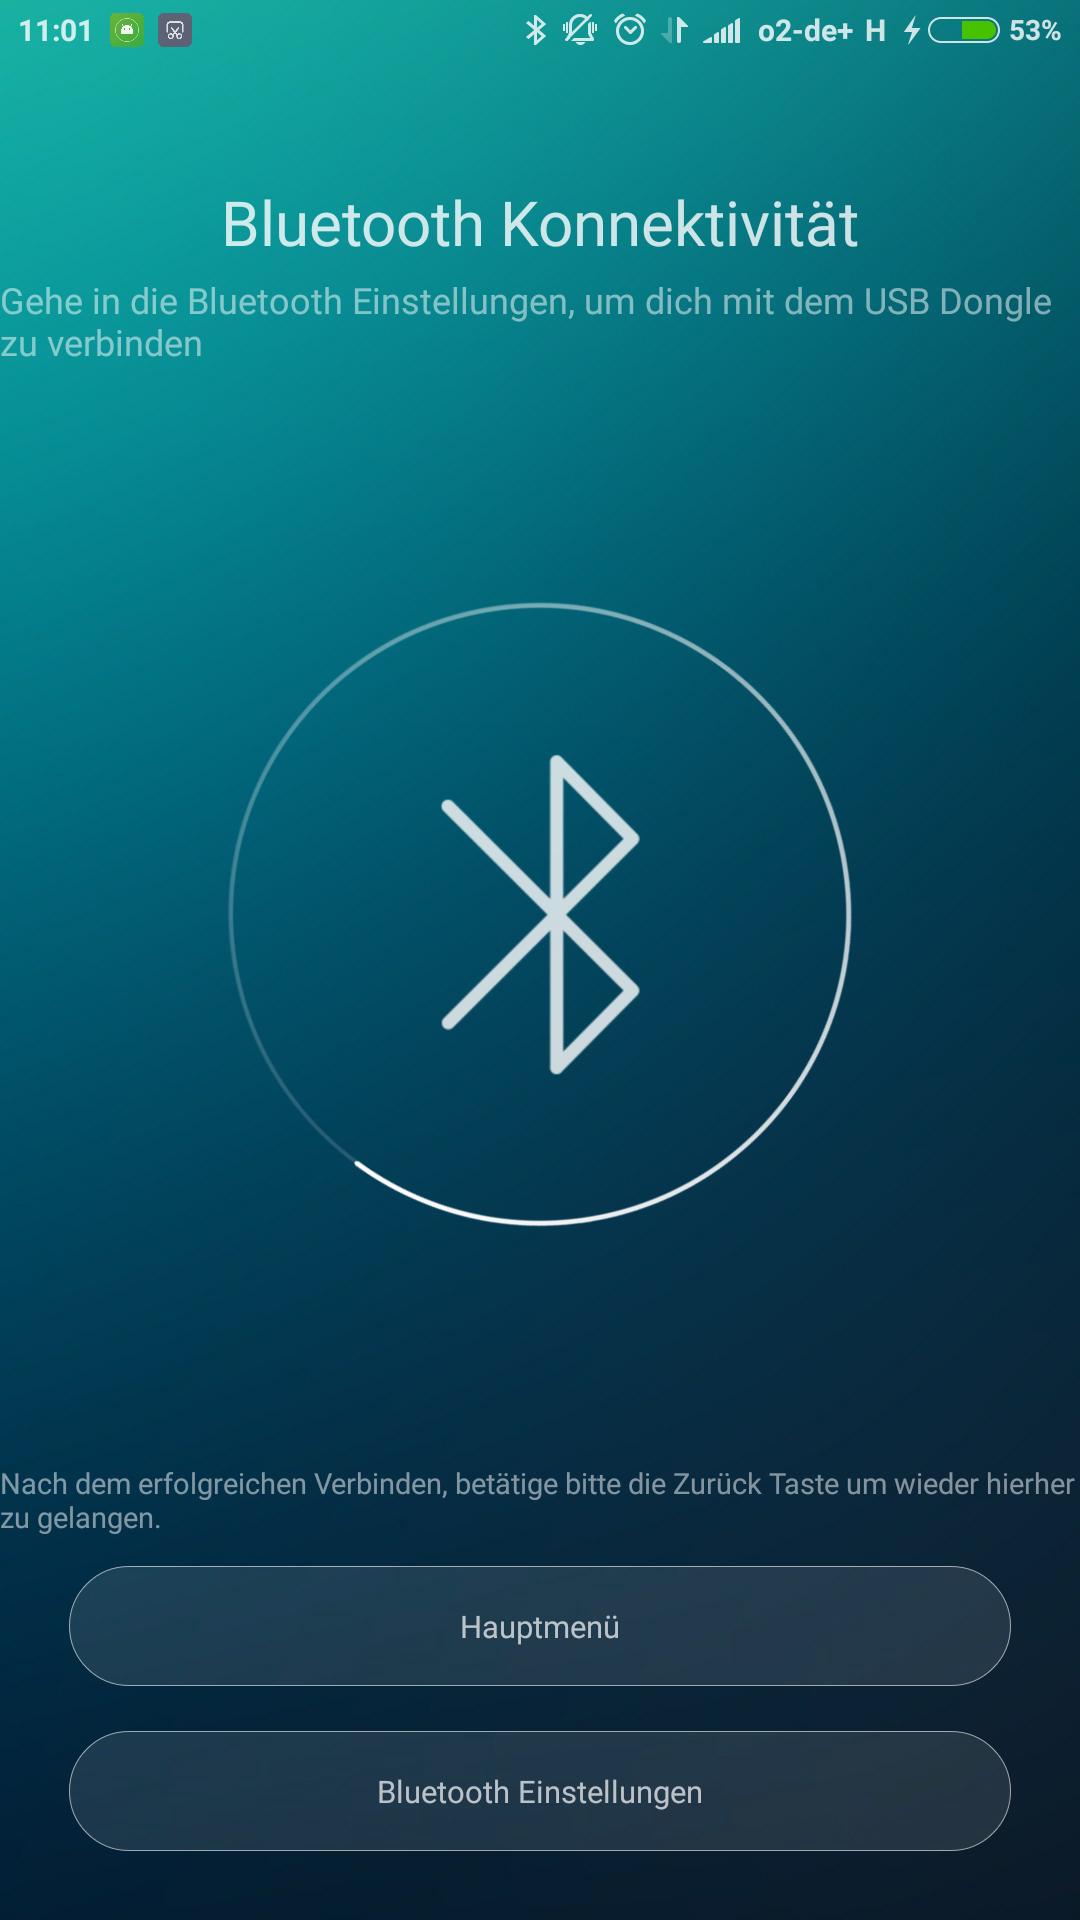 Xiaomi Roidmi FM Transmitter App 1.39 Deutsch 5